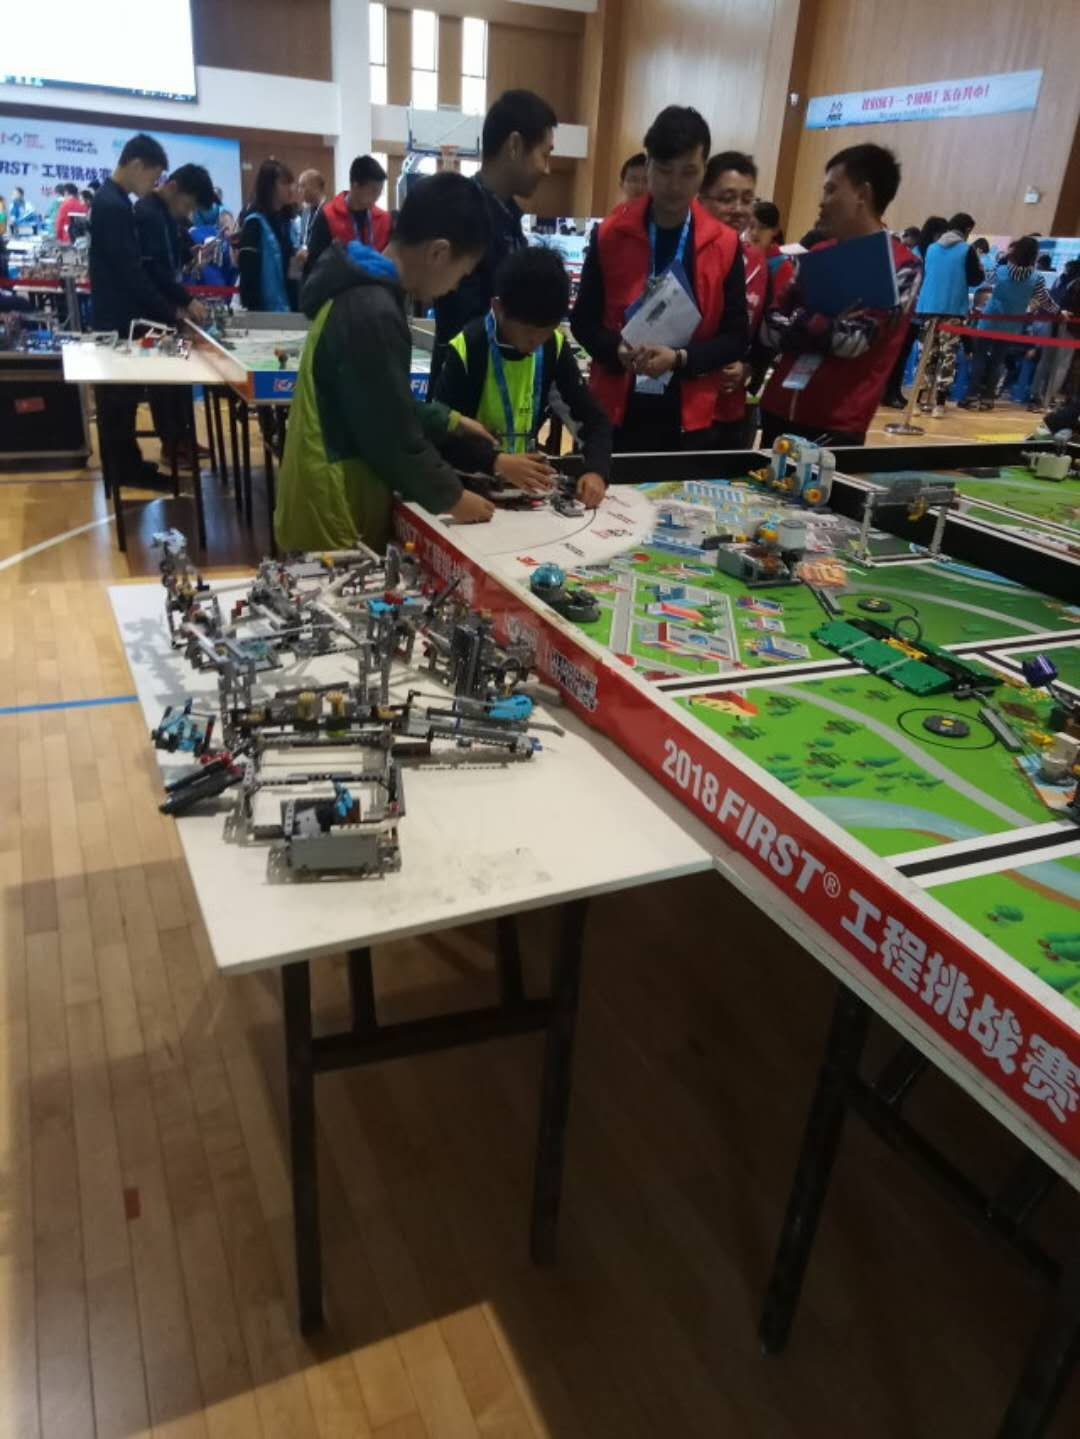 德邦包邮 ev3 机器人比赛赛台科技桌子叠定制训练场地 2019Fll 乐高